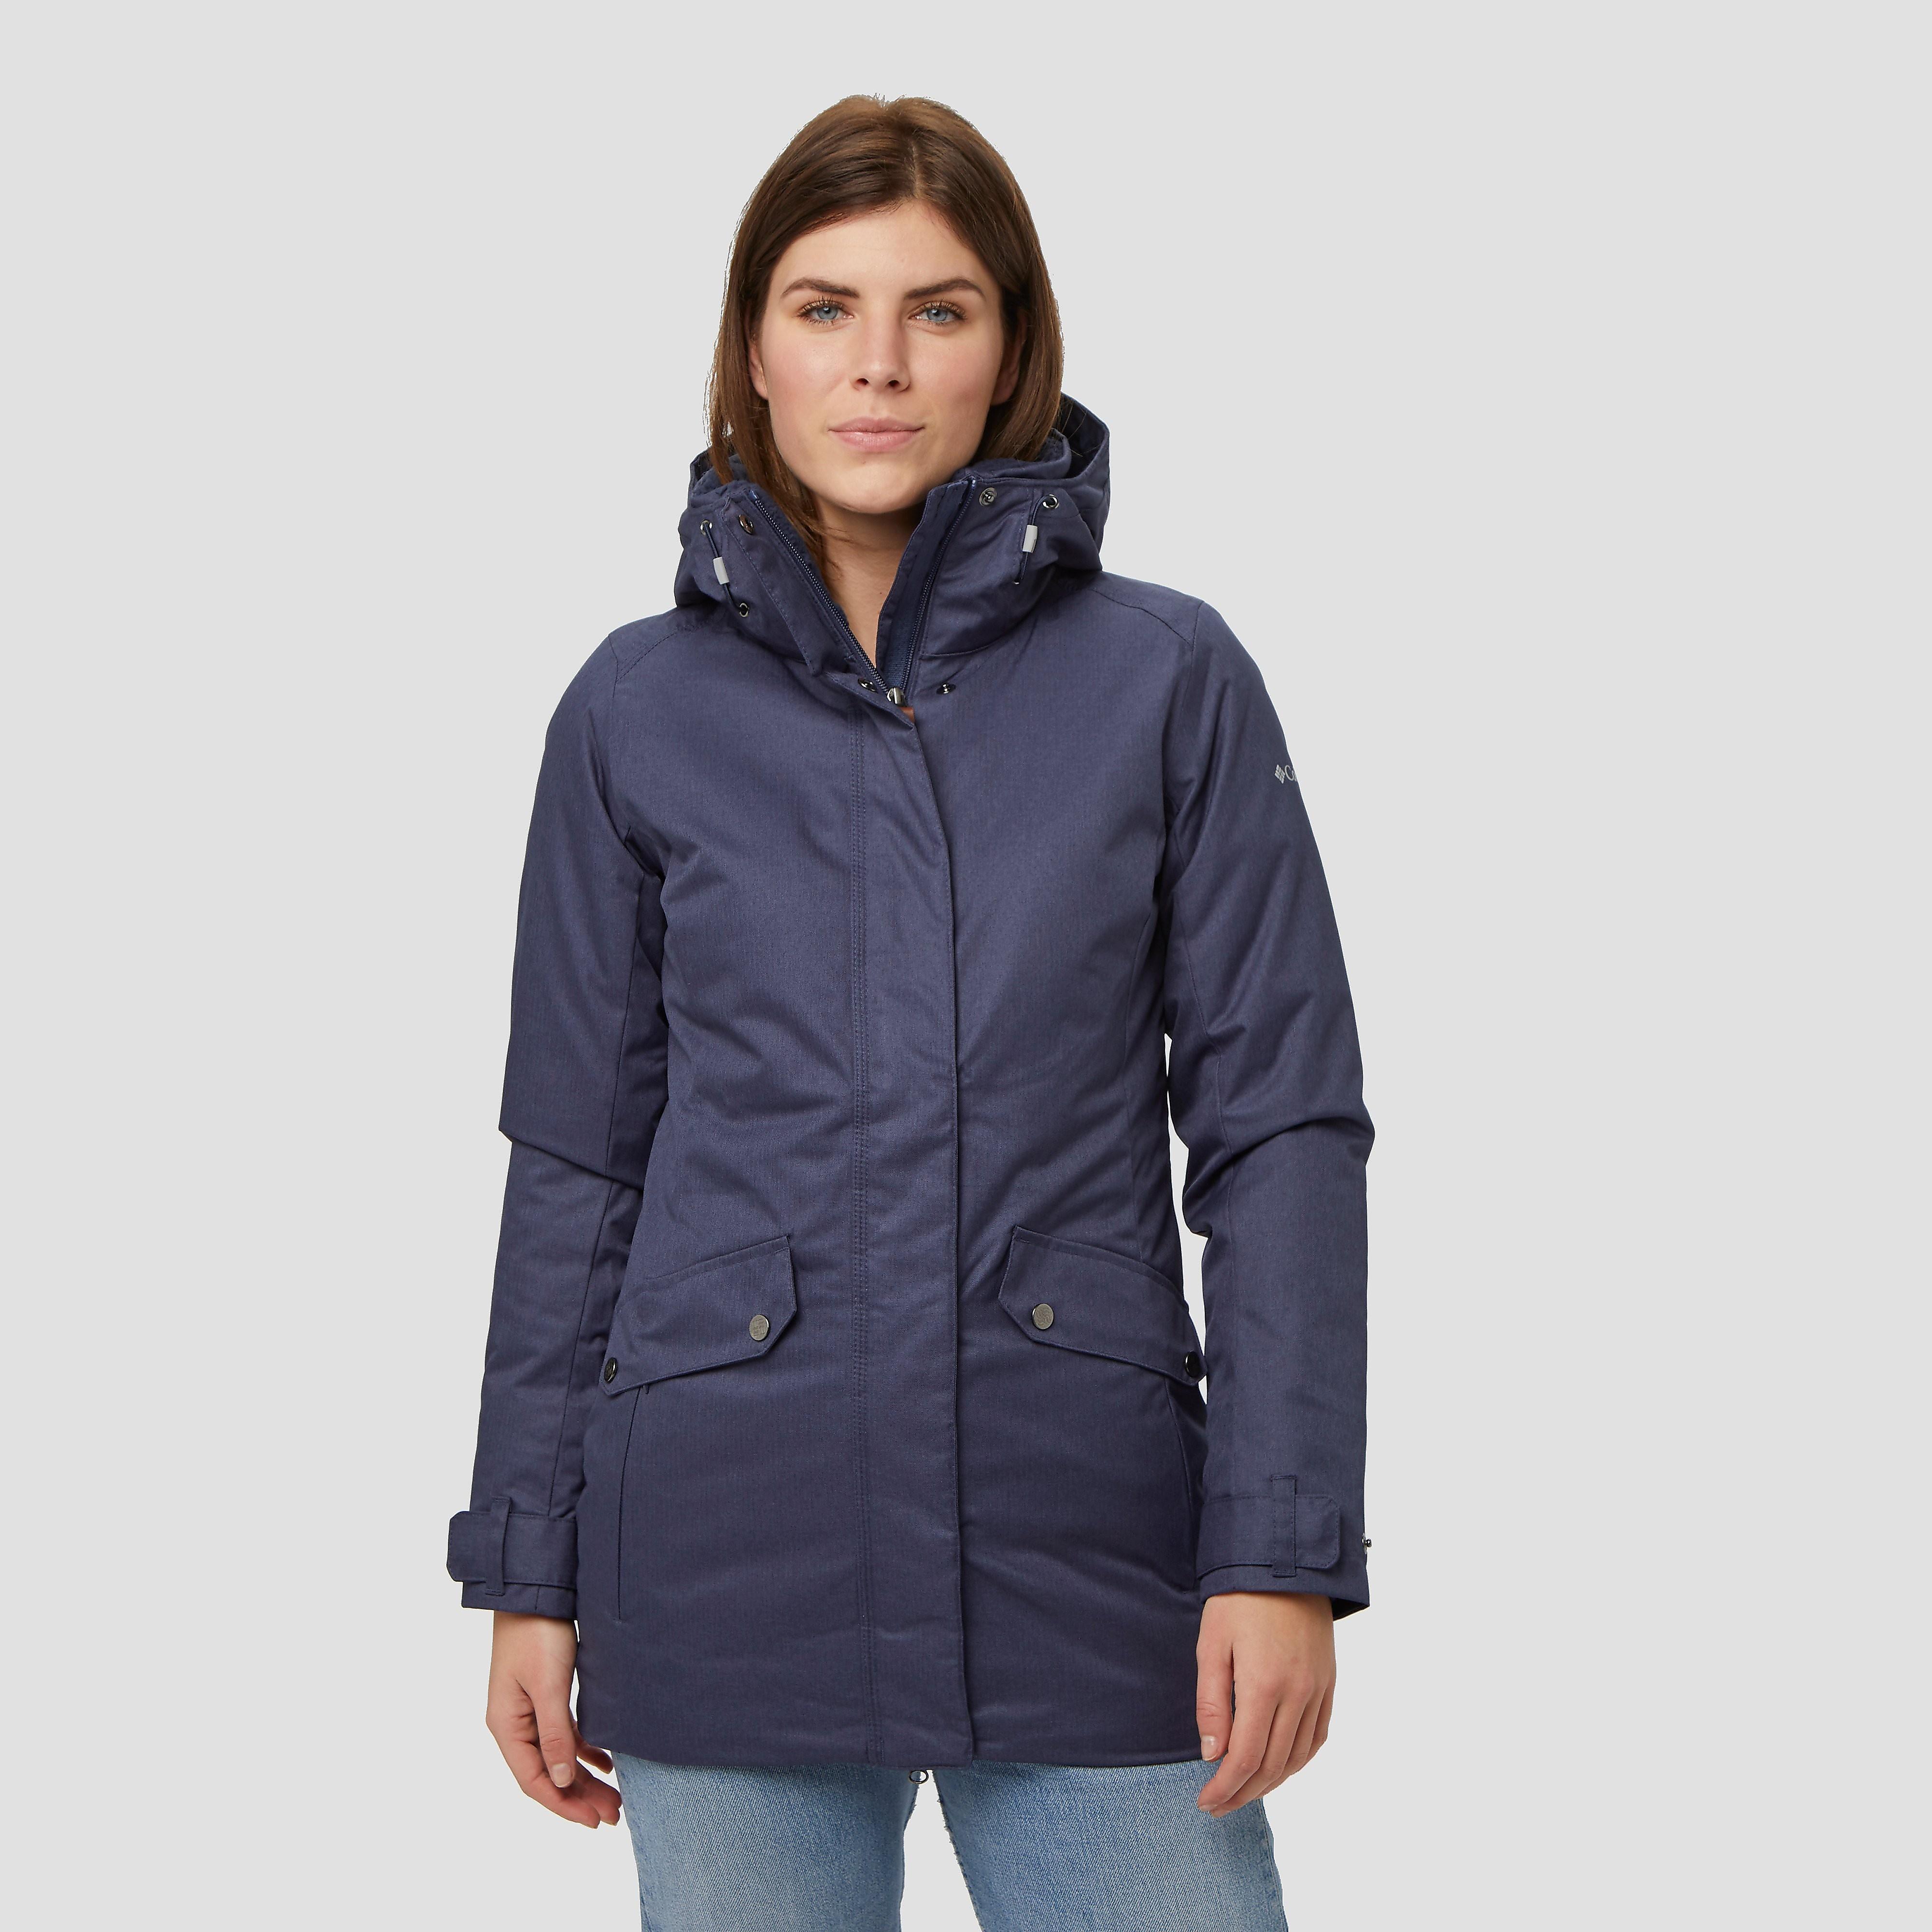 Je hoeft niet te kiezen tussen stijl en comfort met de pine bridge outdoorjas van columbia. deze blauwe ...